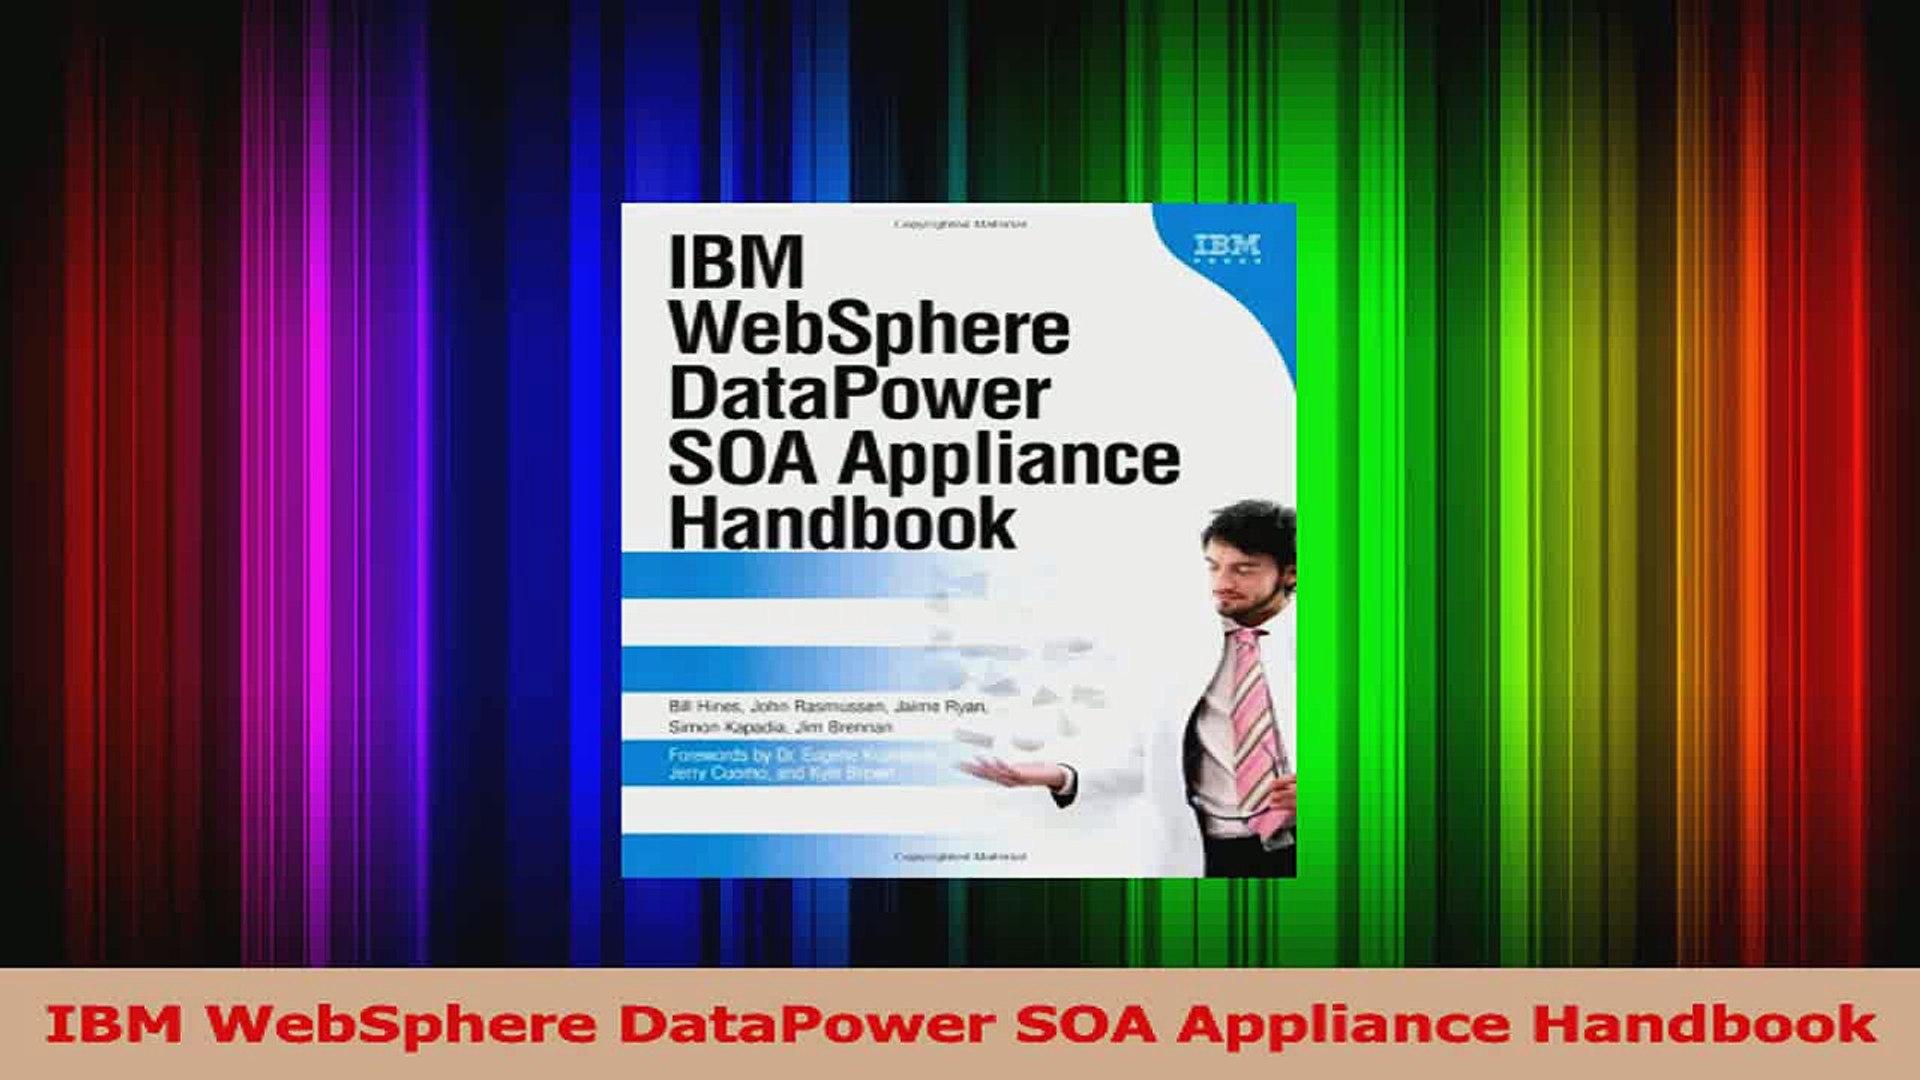 Ibm websphere datapower soa appliance handbook